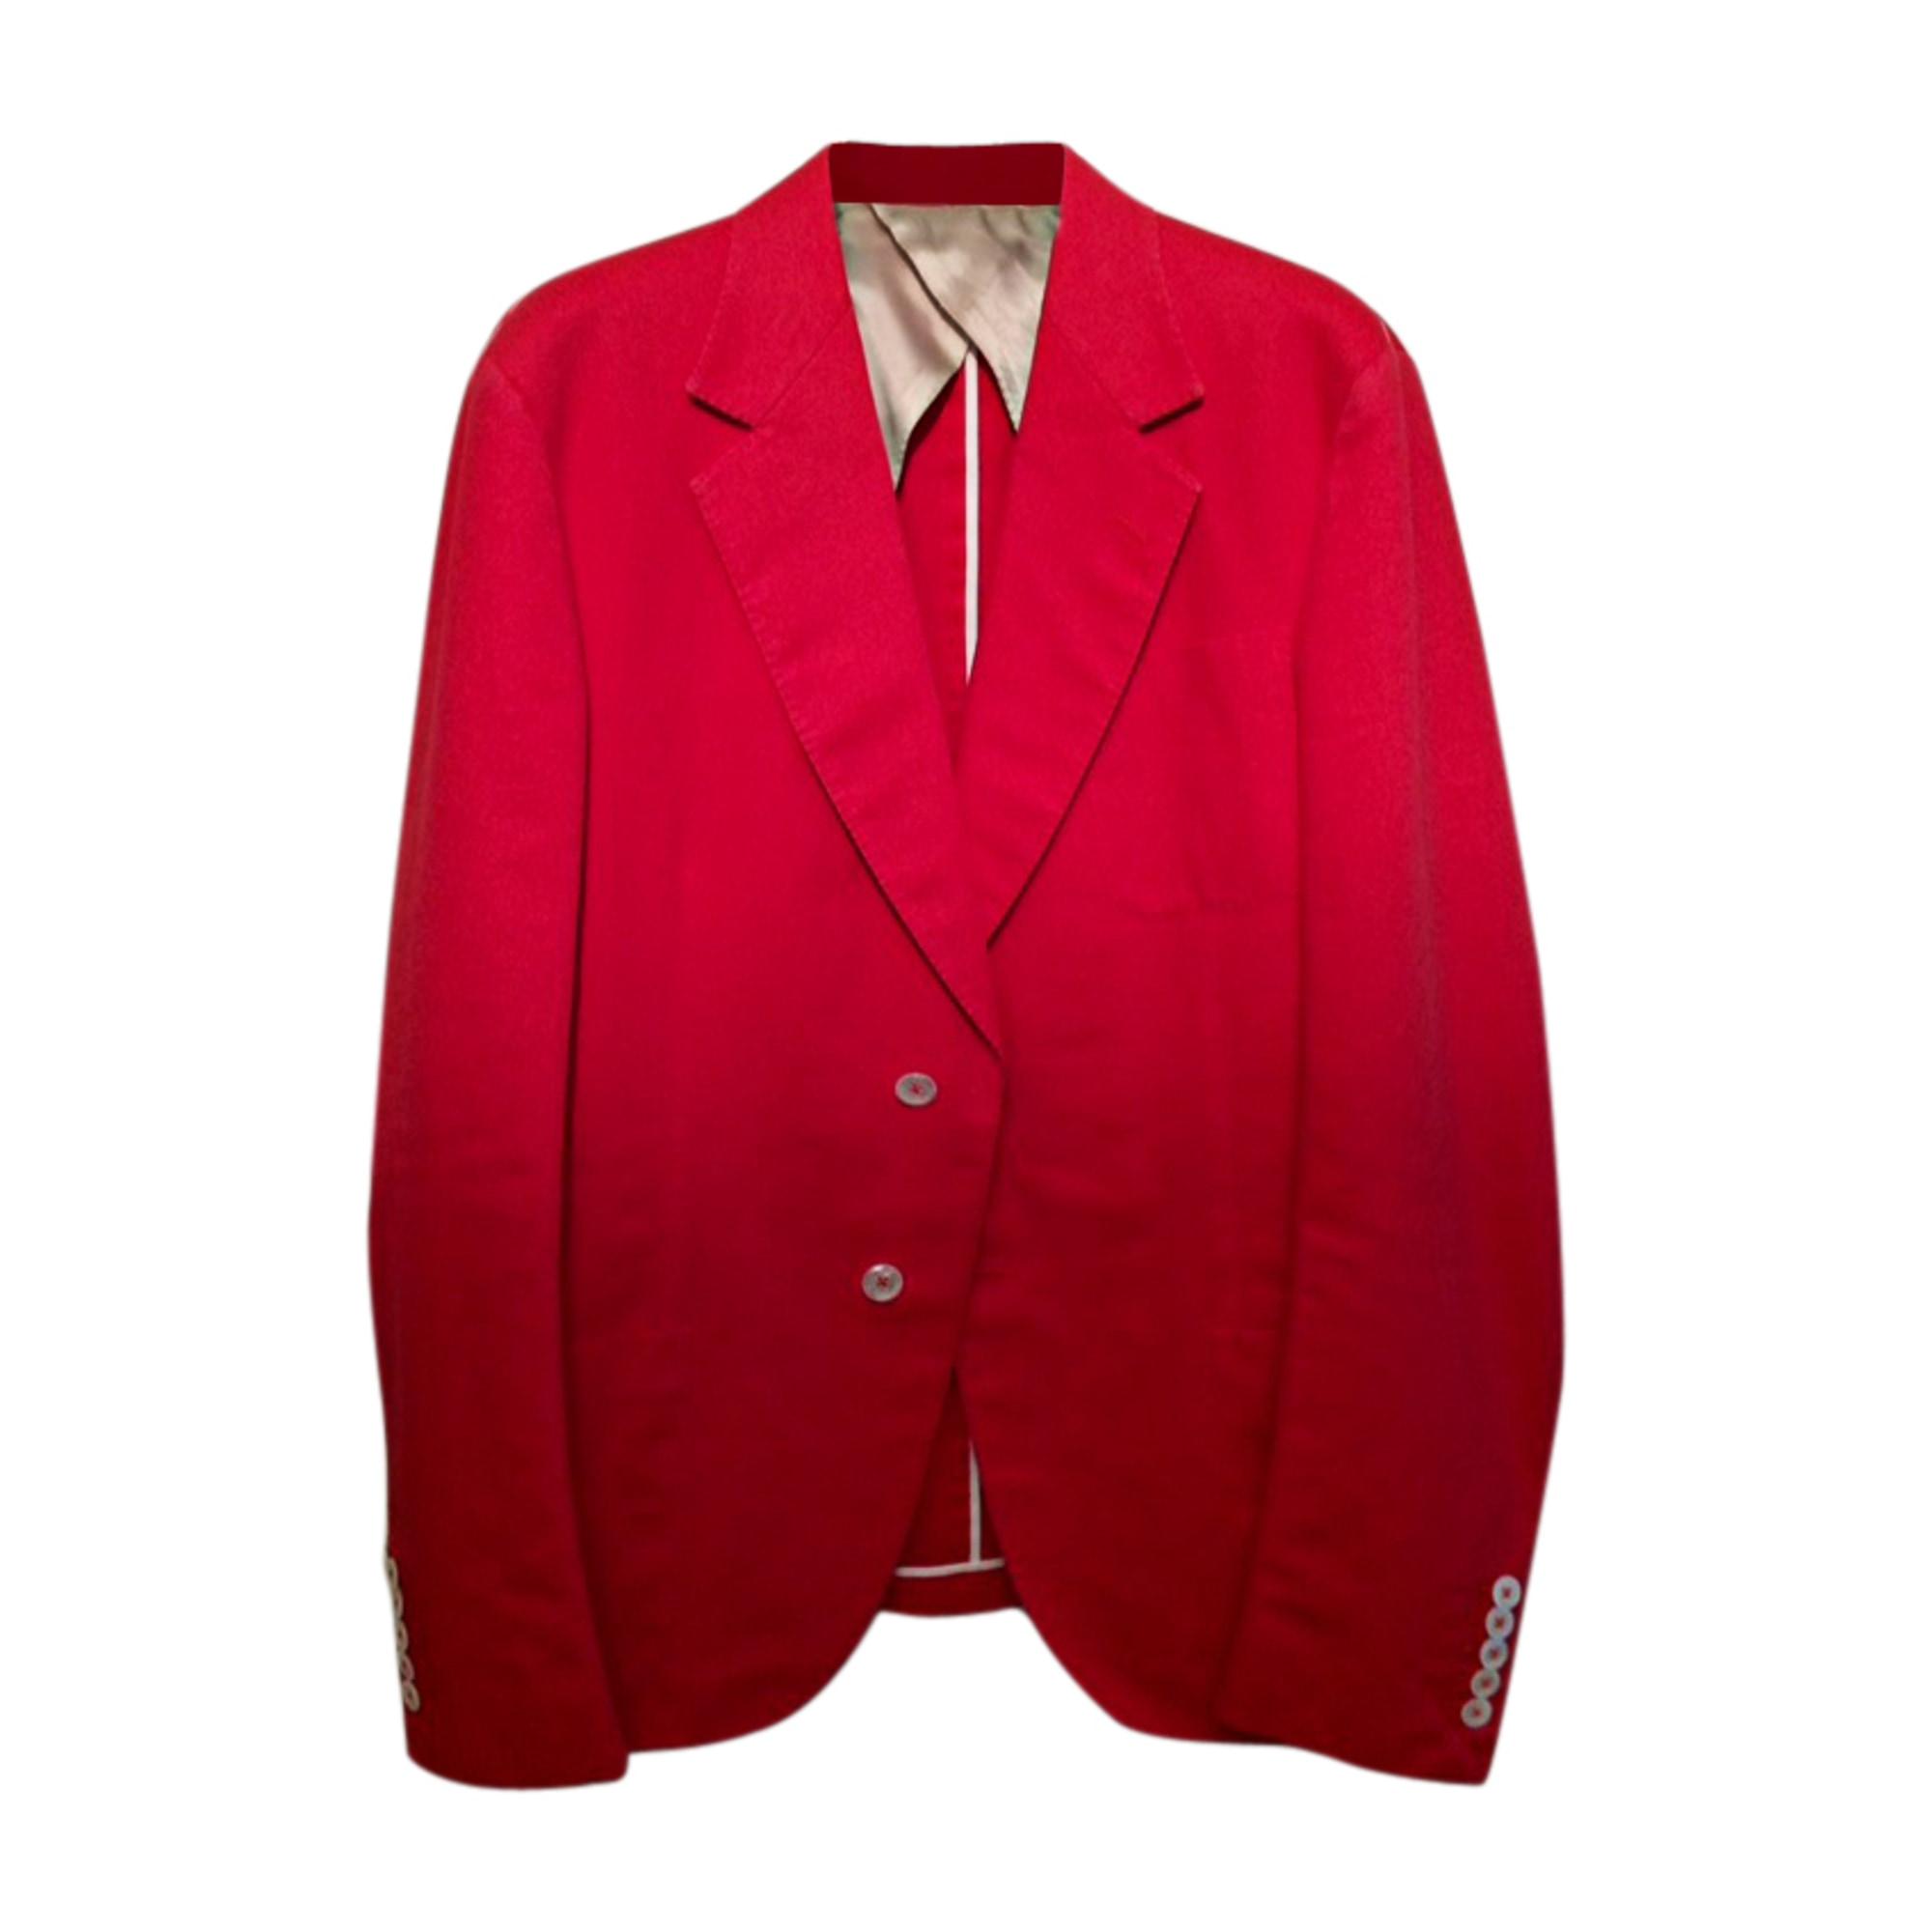 Veste de costume GUCCI 48 (M) rouge - 7137431 d0d49ba4f7f2